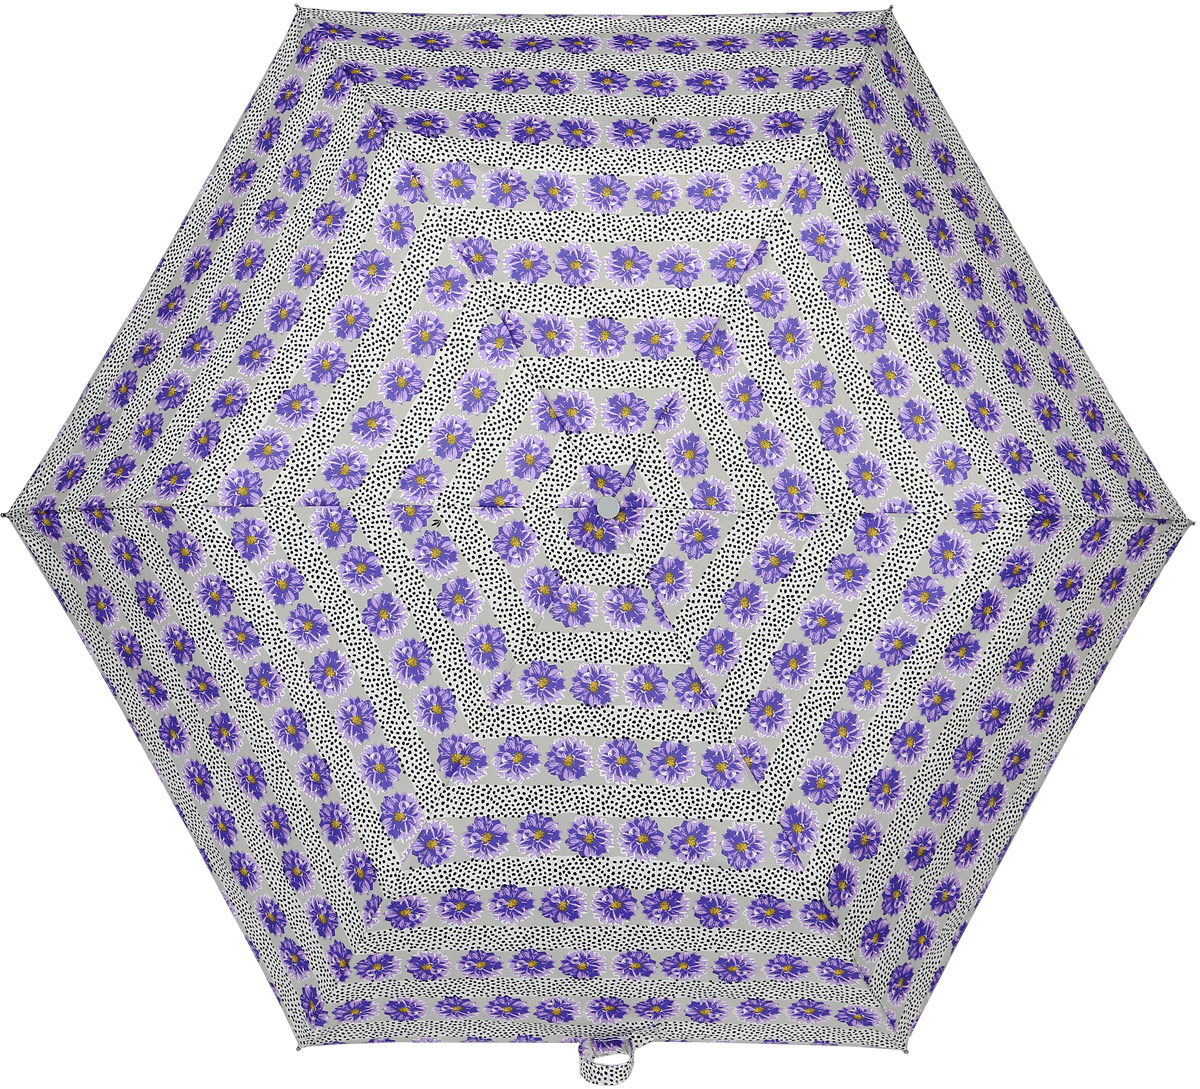 Зонт женский Fulton, механический, 3 сложения, цвет: светло-серый, сиреневый. L553-337445100738/18076/4D00NСтильный механический зонт Fulton имеет 3 сложения, даже в ненастную погоду позволит вам оставаться стильной. Легкий, но в тоже время прочный алюминиевый каркас состоит из восьми спиц с элементами из фибергласса. Купол зонта выполнен из прочного полиэстера с водоотталкивающей пропиткой. Рукоятка закругленной формы, разработанная с учетом требований эргономики, выполнена из каучука. Зонт имеет механический способ сложения: и купол, и стержень открываются и закрываются вручную до характерного щелчка.